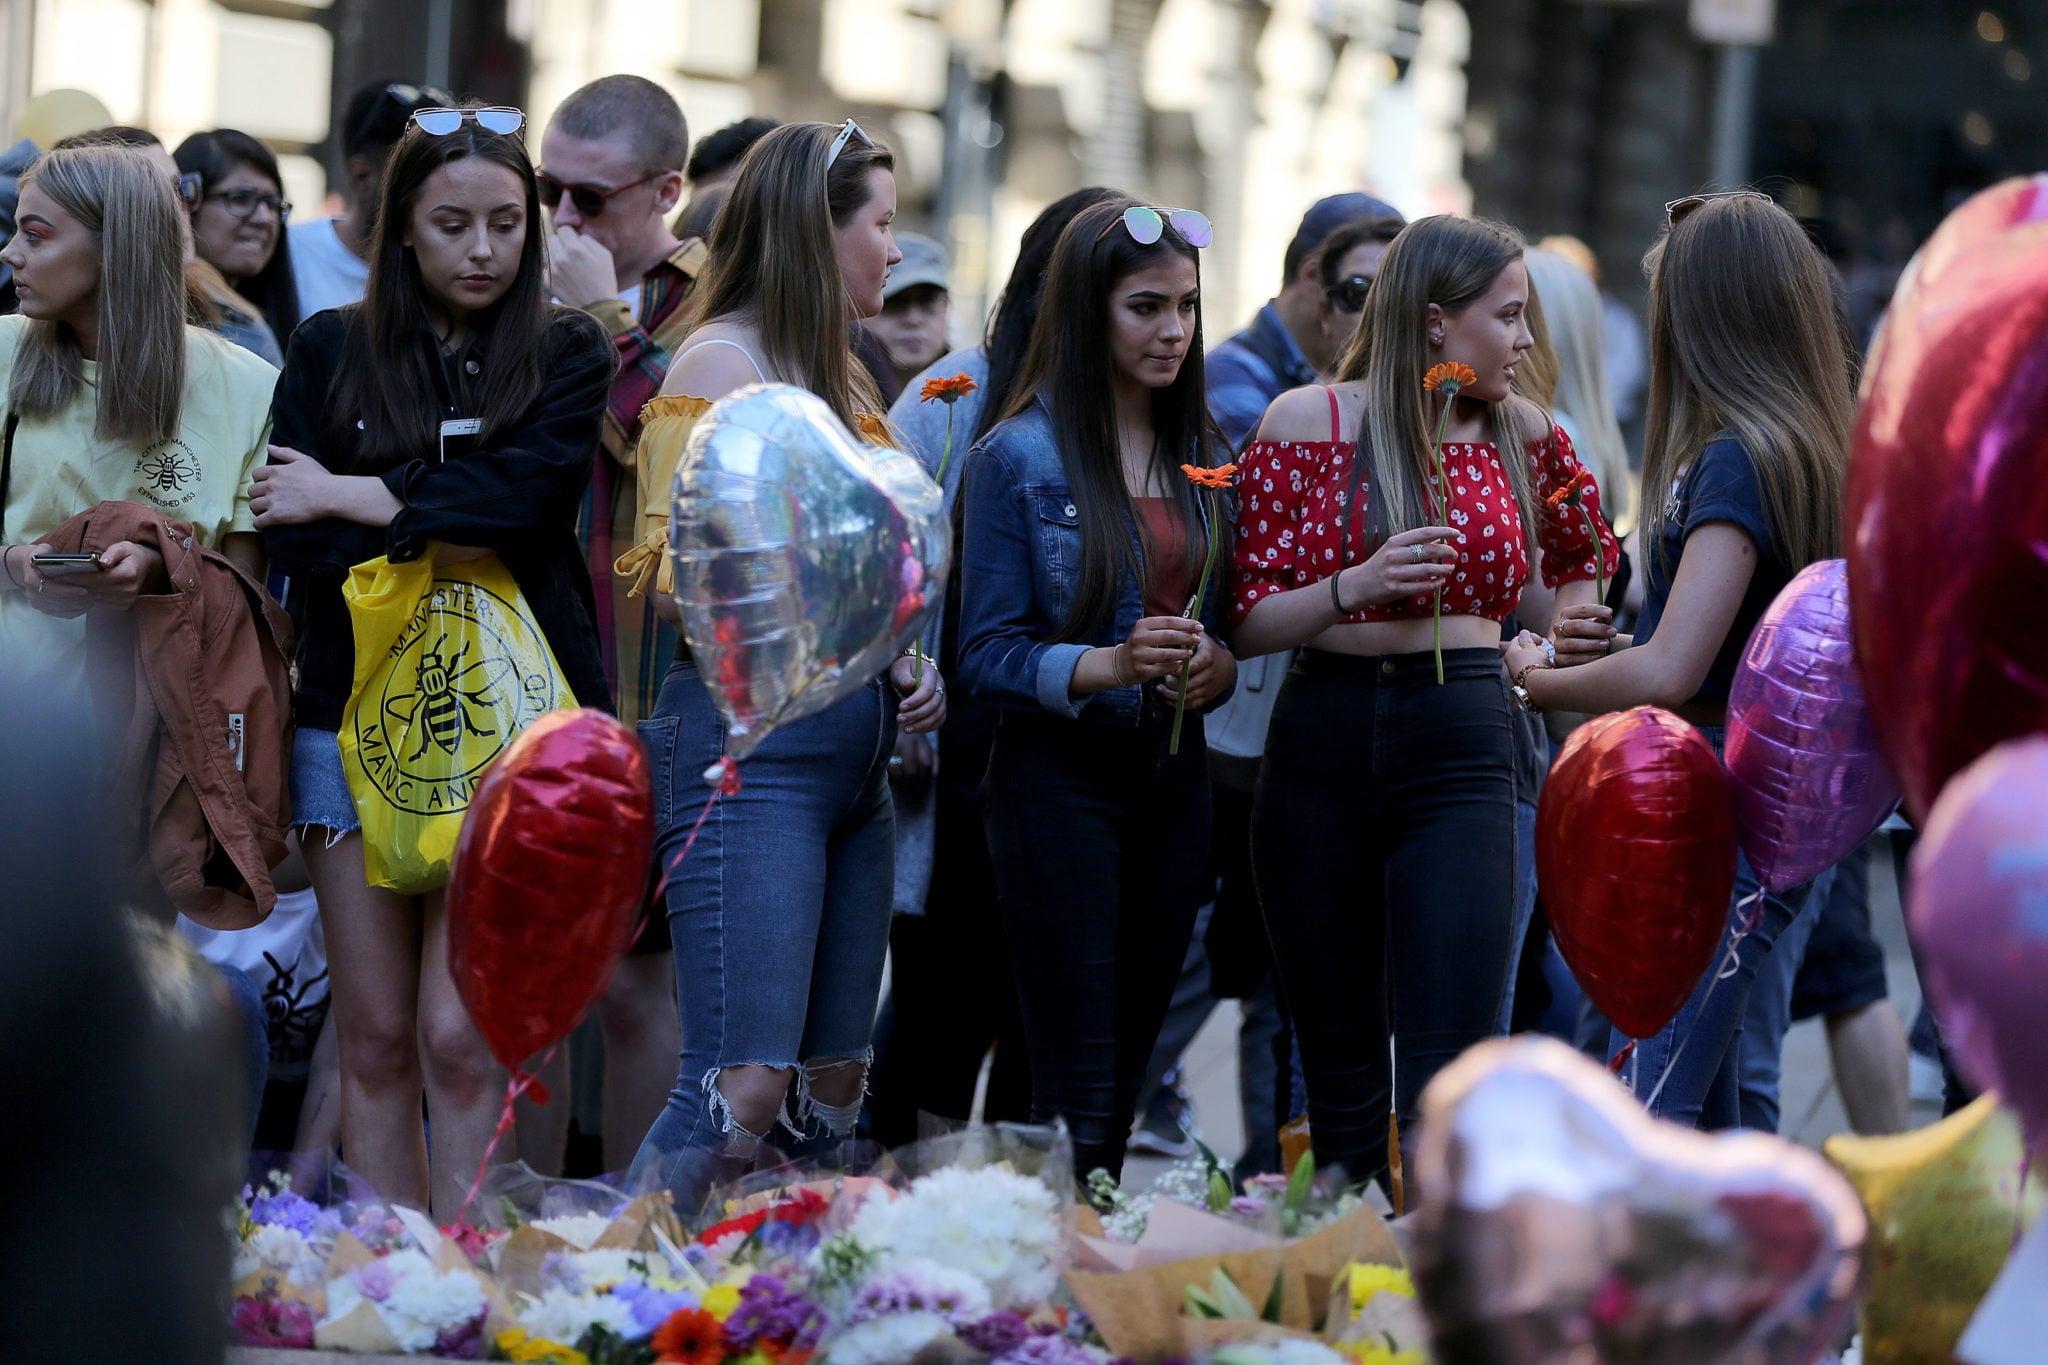 Ludzie składają kwiaty na Placu Annes w pierwszą rocznicę wybuchu bomb w arenie w Manchesterze, w wyniku ataku terrorysty 23 zmarło, młodych ludzi, którzy przyszli na koncert Ariany Grande, która dziś wyznała: